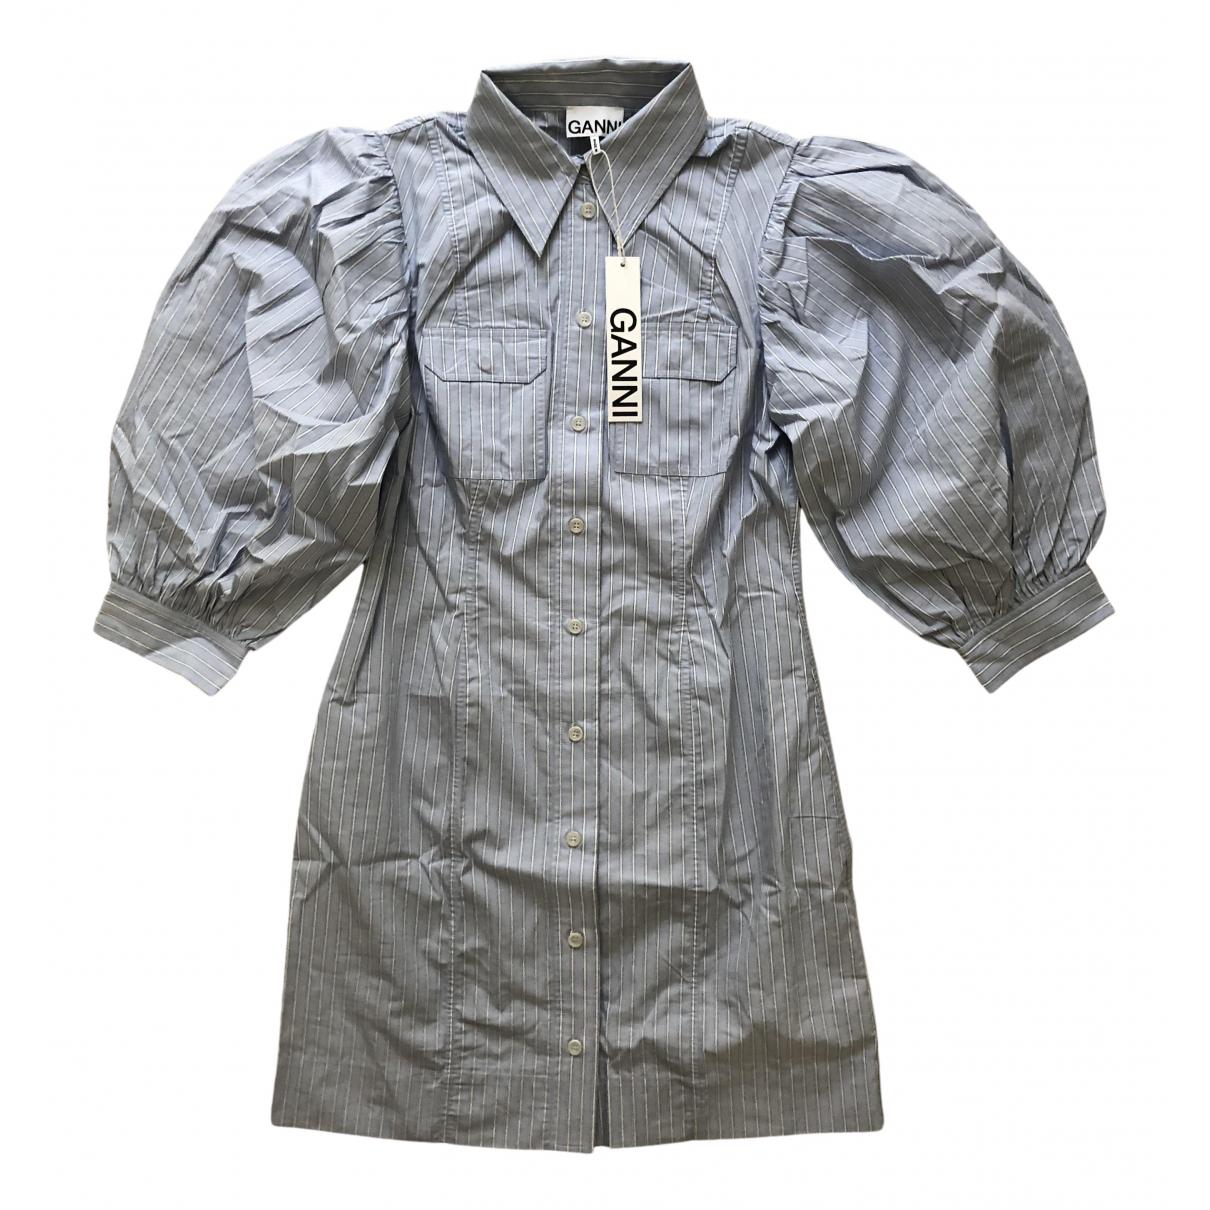 Ganni - Robe Spring Summer 2020 pour femme en coton - bleu